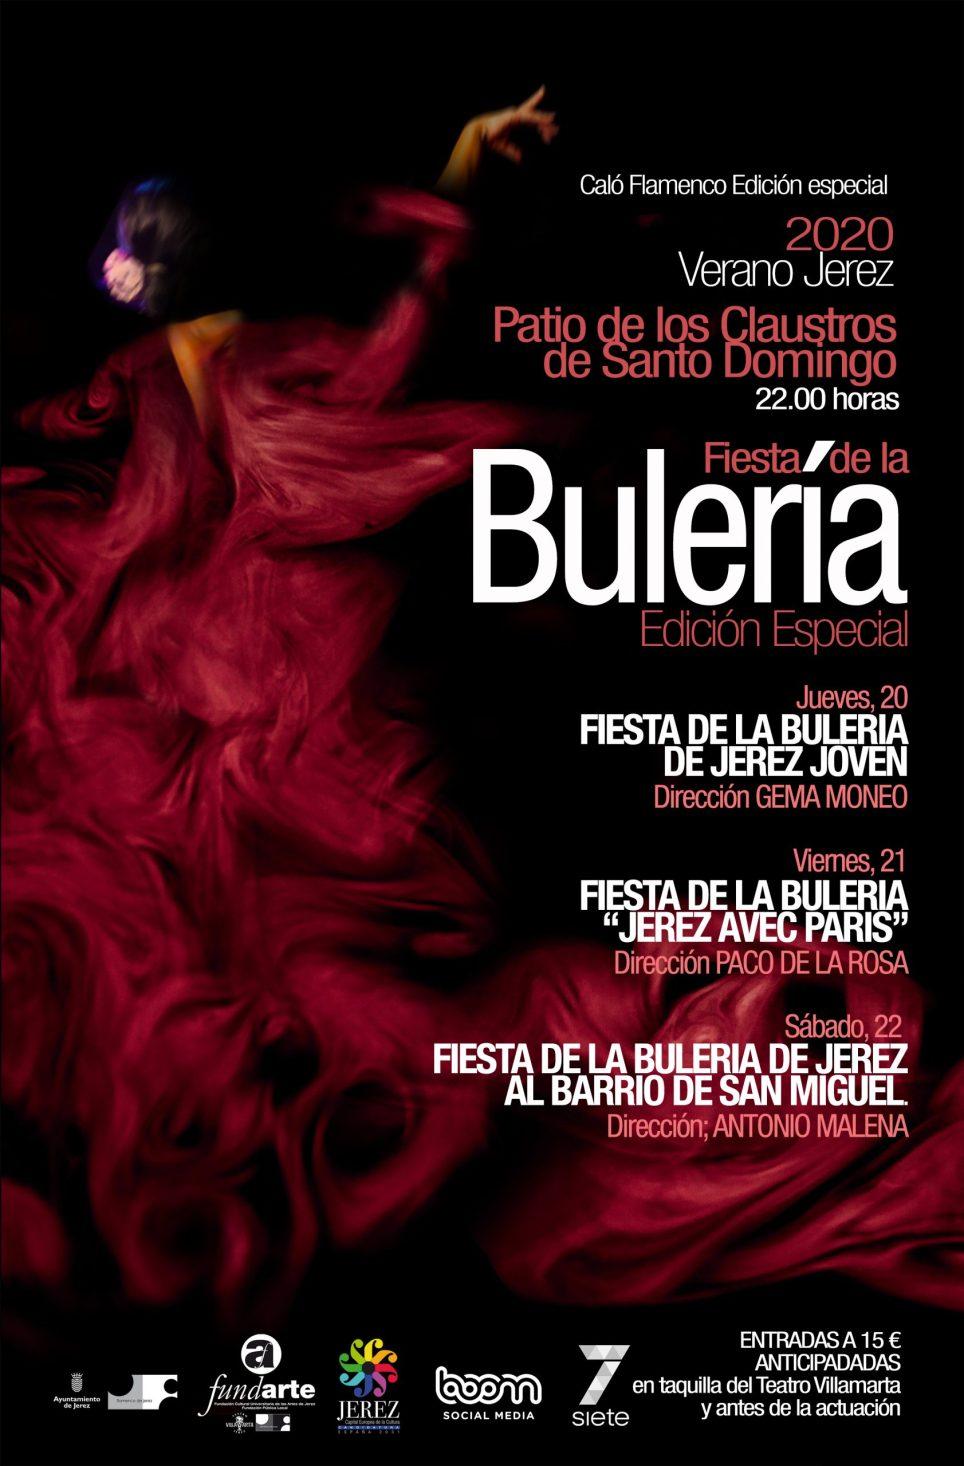 Fiesta de la Buleria - Edición especial